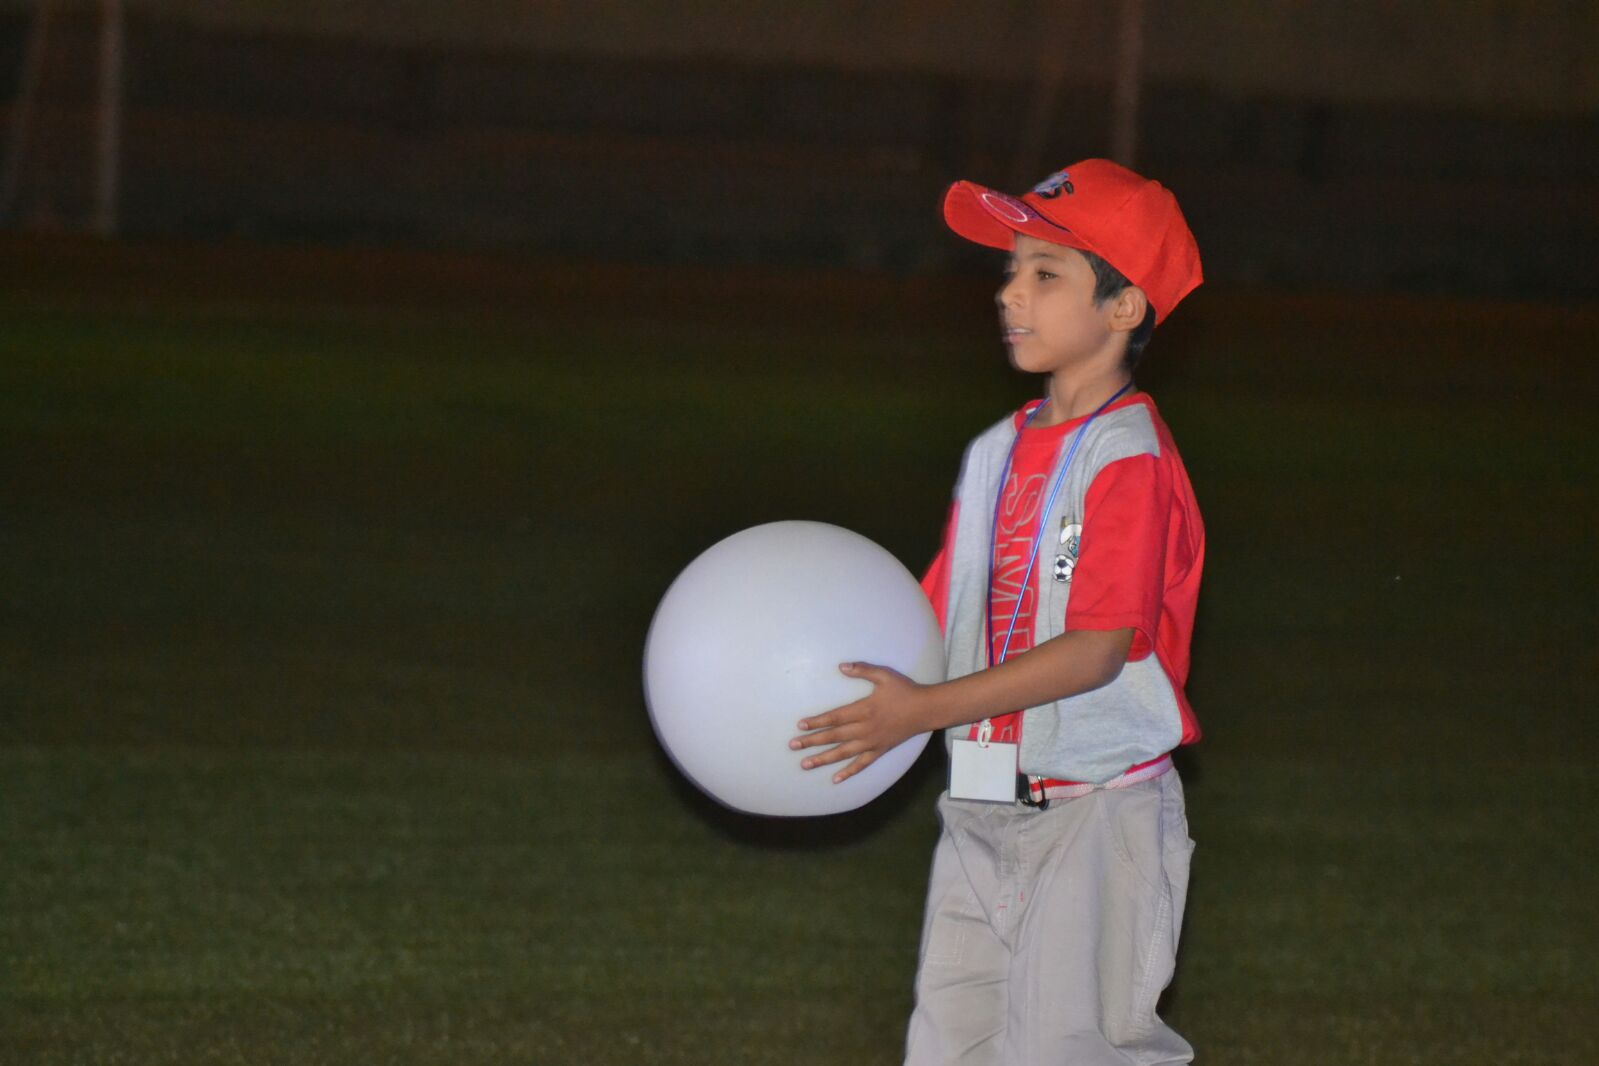 انطلاق دوري رابطة فرق الاحياء لكرة القدم باضم (7)